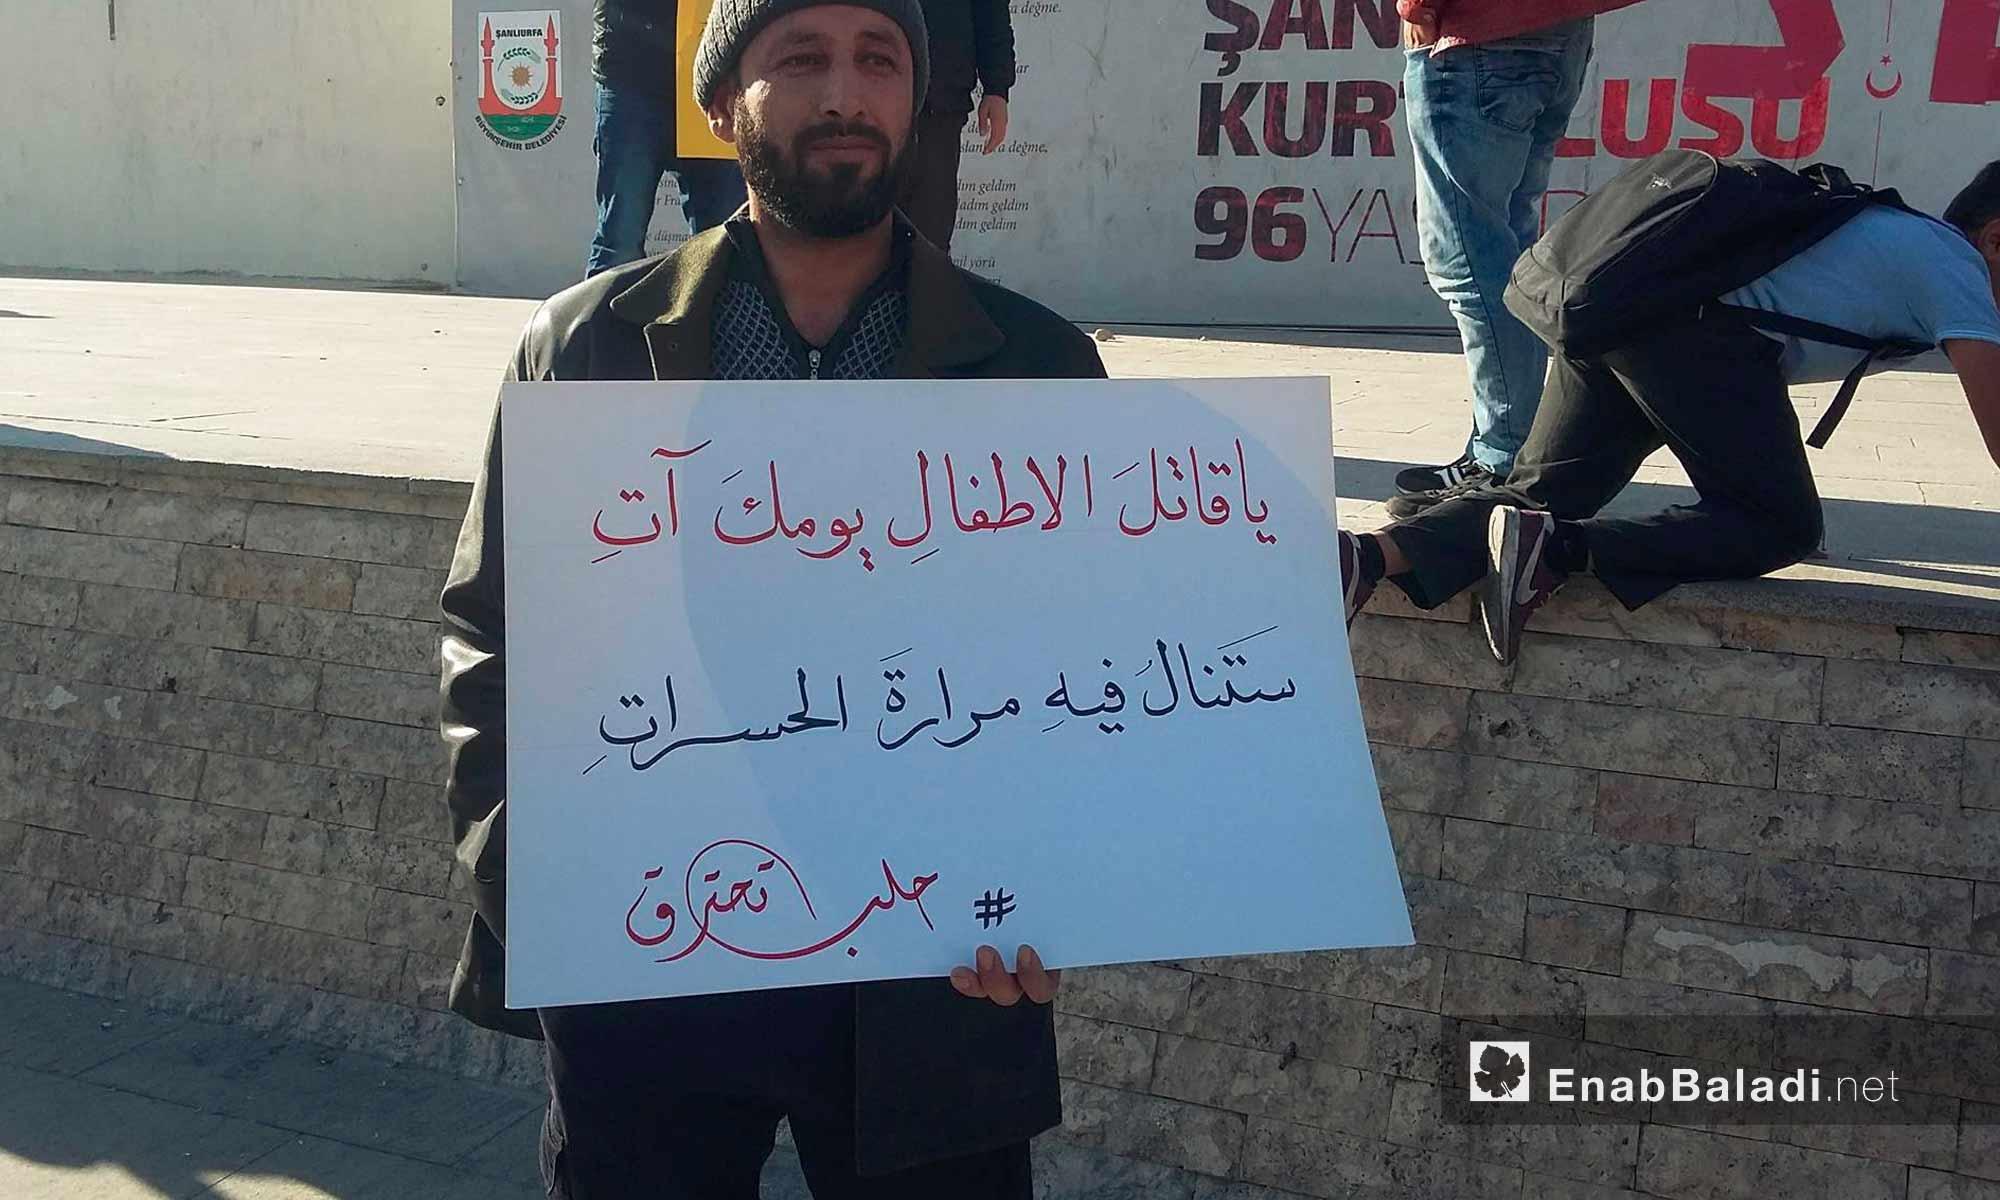 سوري يحمل لافتة تضامنية مع حلب من أورفة التركية - 25 تشرين الثاني 2016 (عنب بلدي)